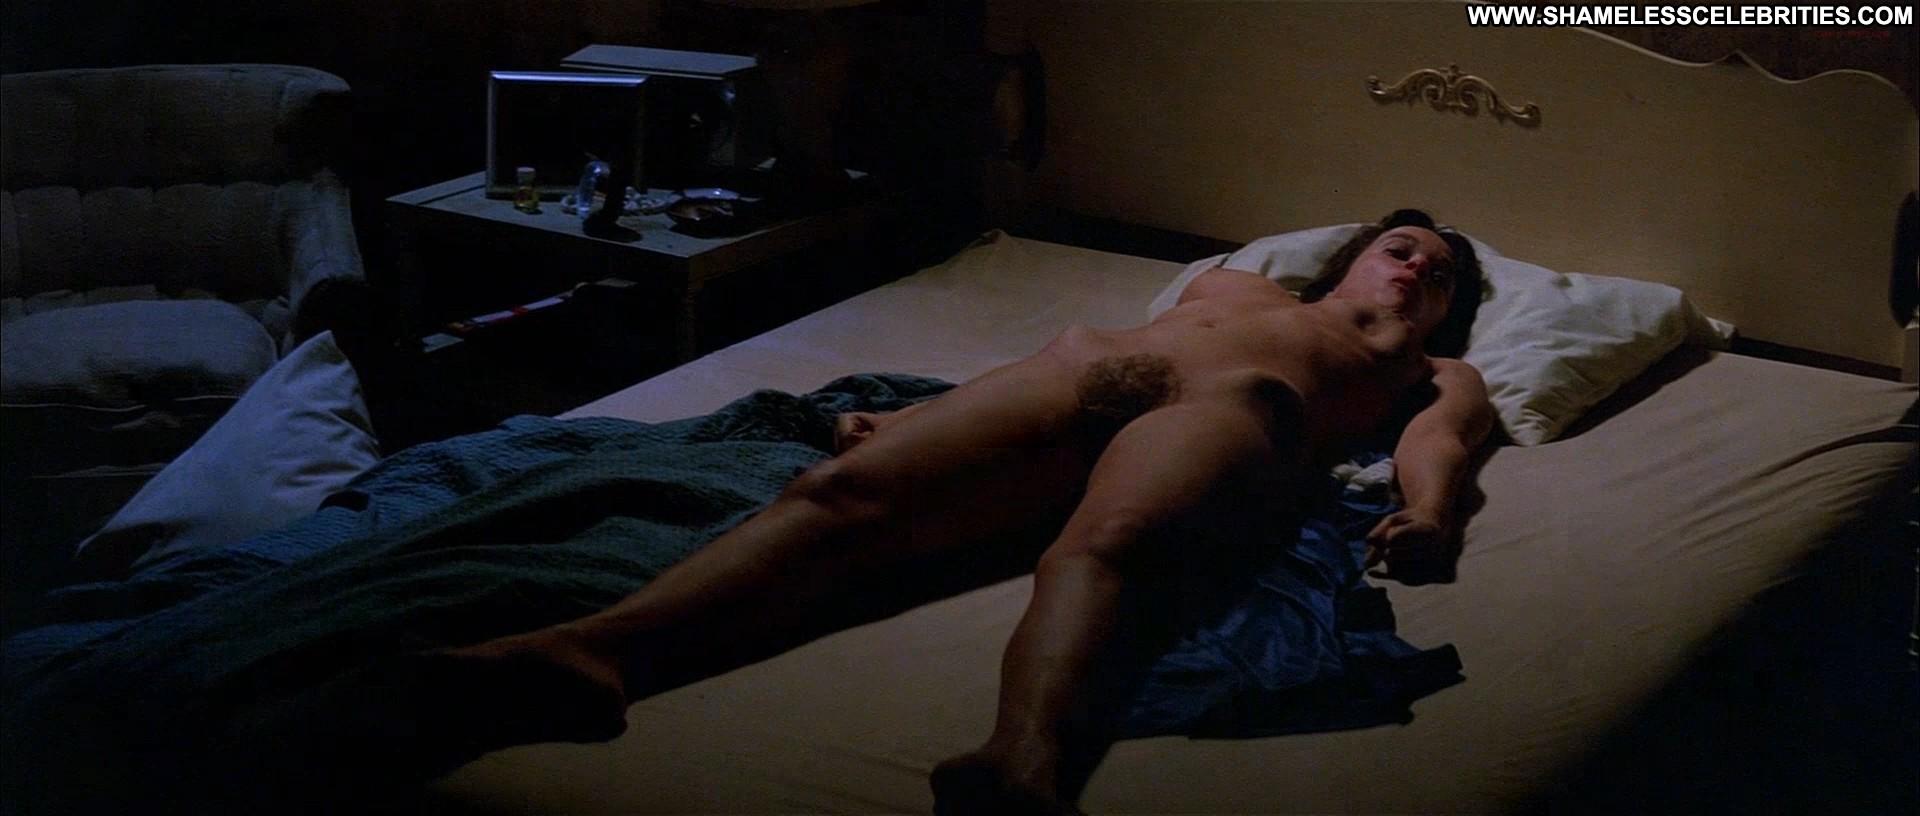 Los ritos sexuales del diablo 1982 3